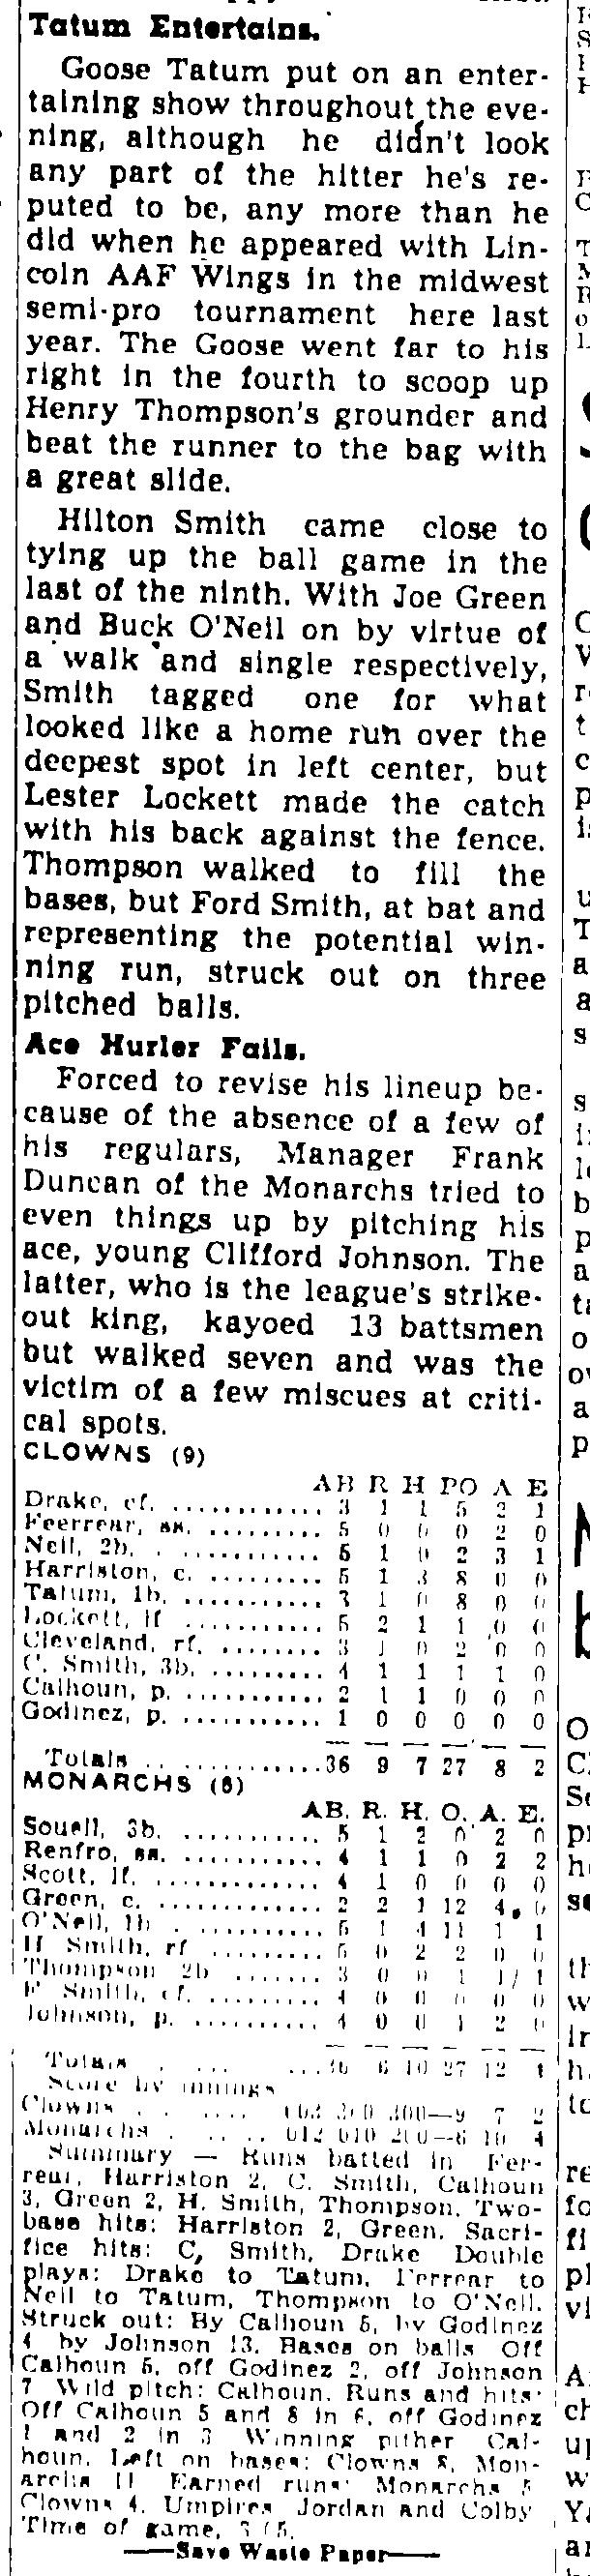 Council Bluffs Nonpareil_7.24.1946--2